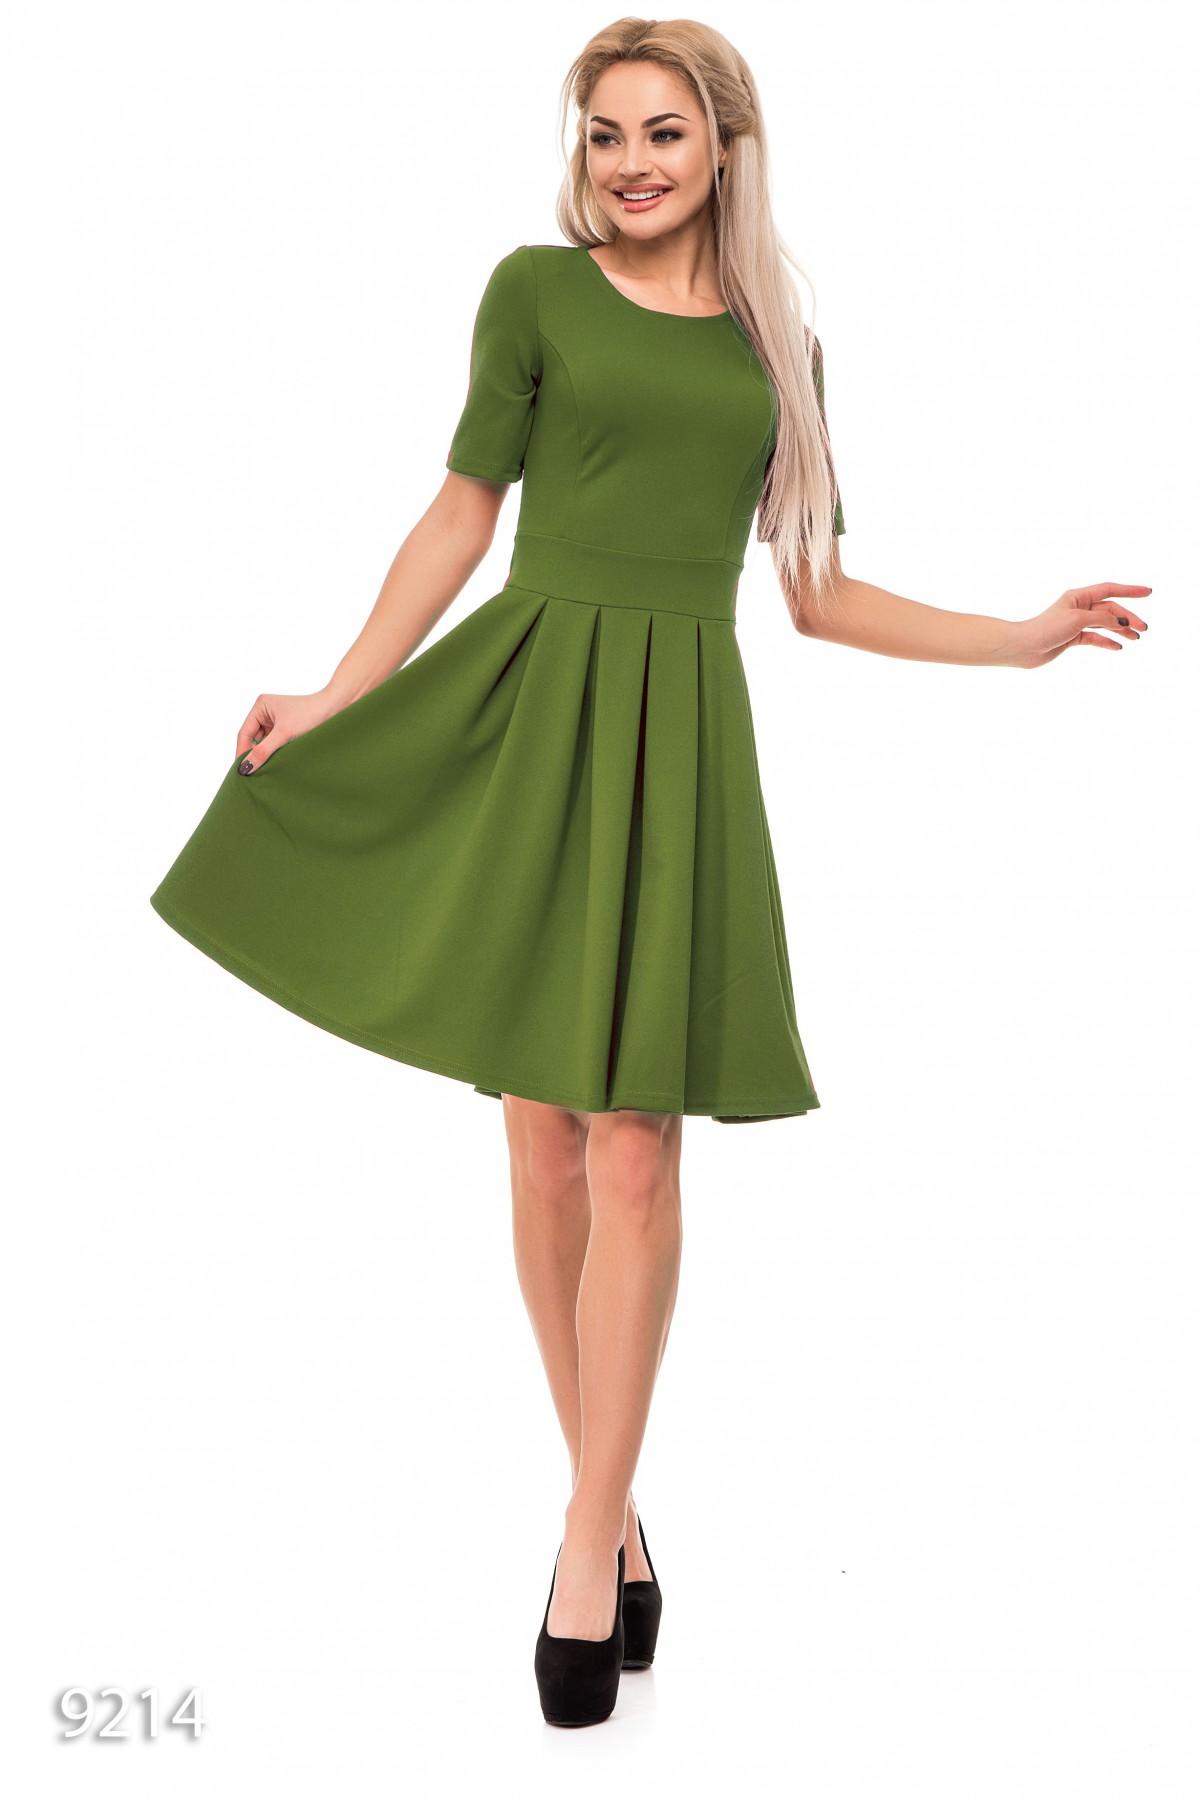 7c2fbca7b44 Пышное однотонное платье оливкового цвета  286 грн. фото 2 ...